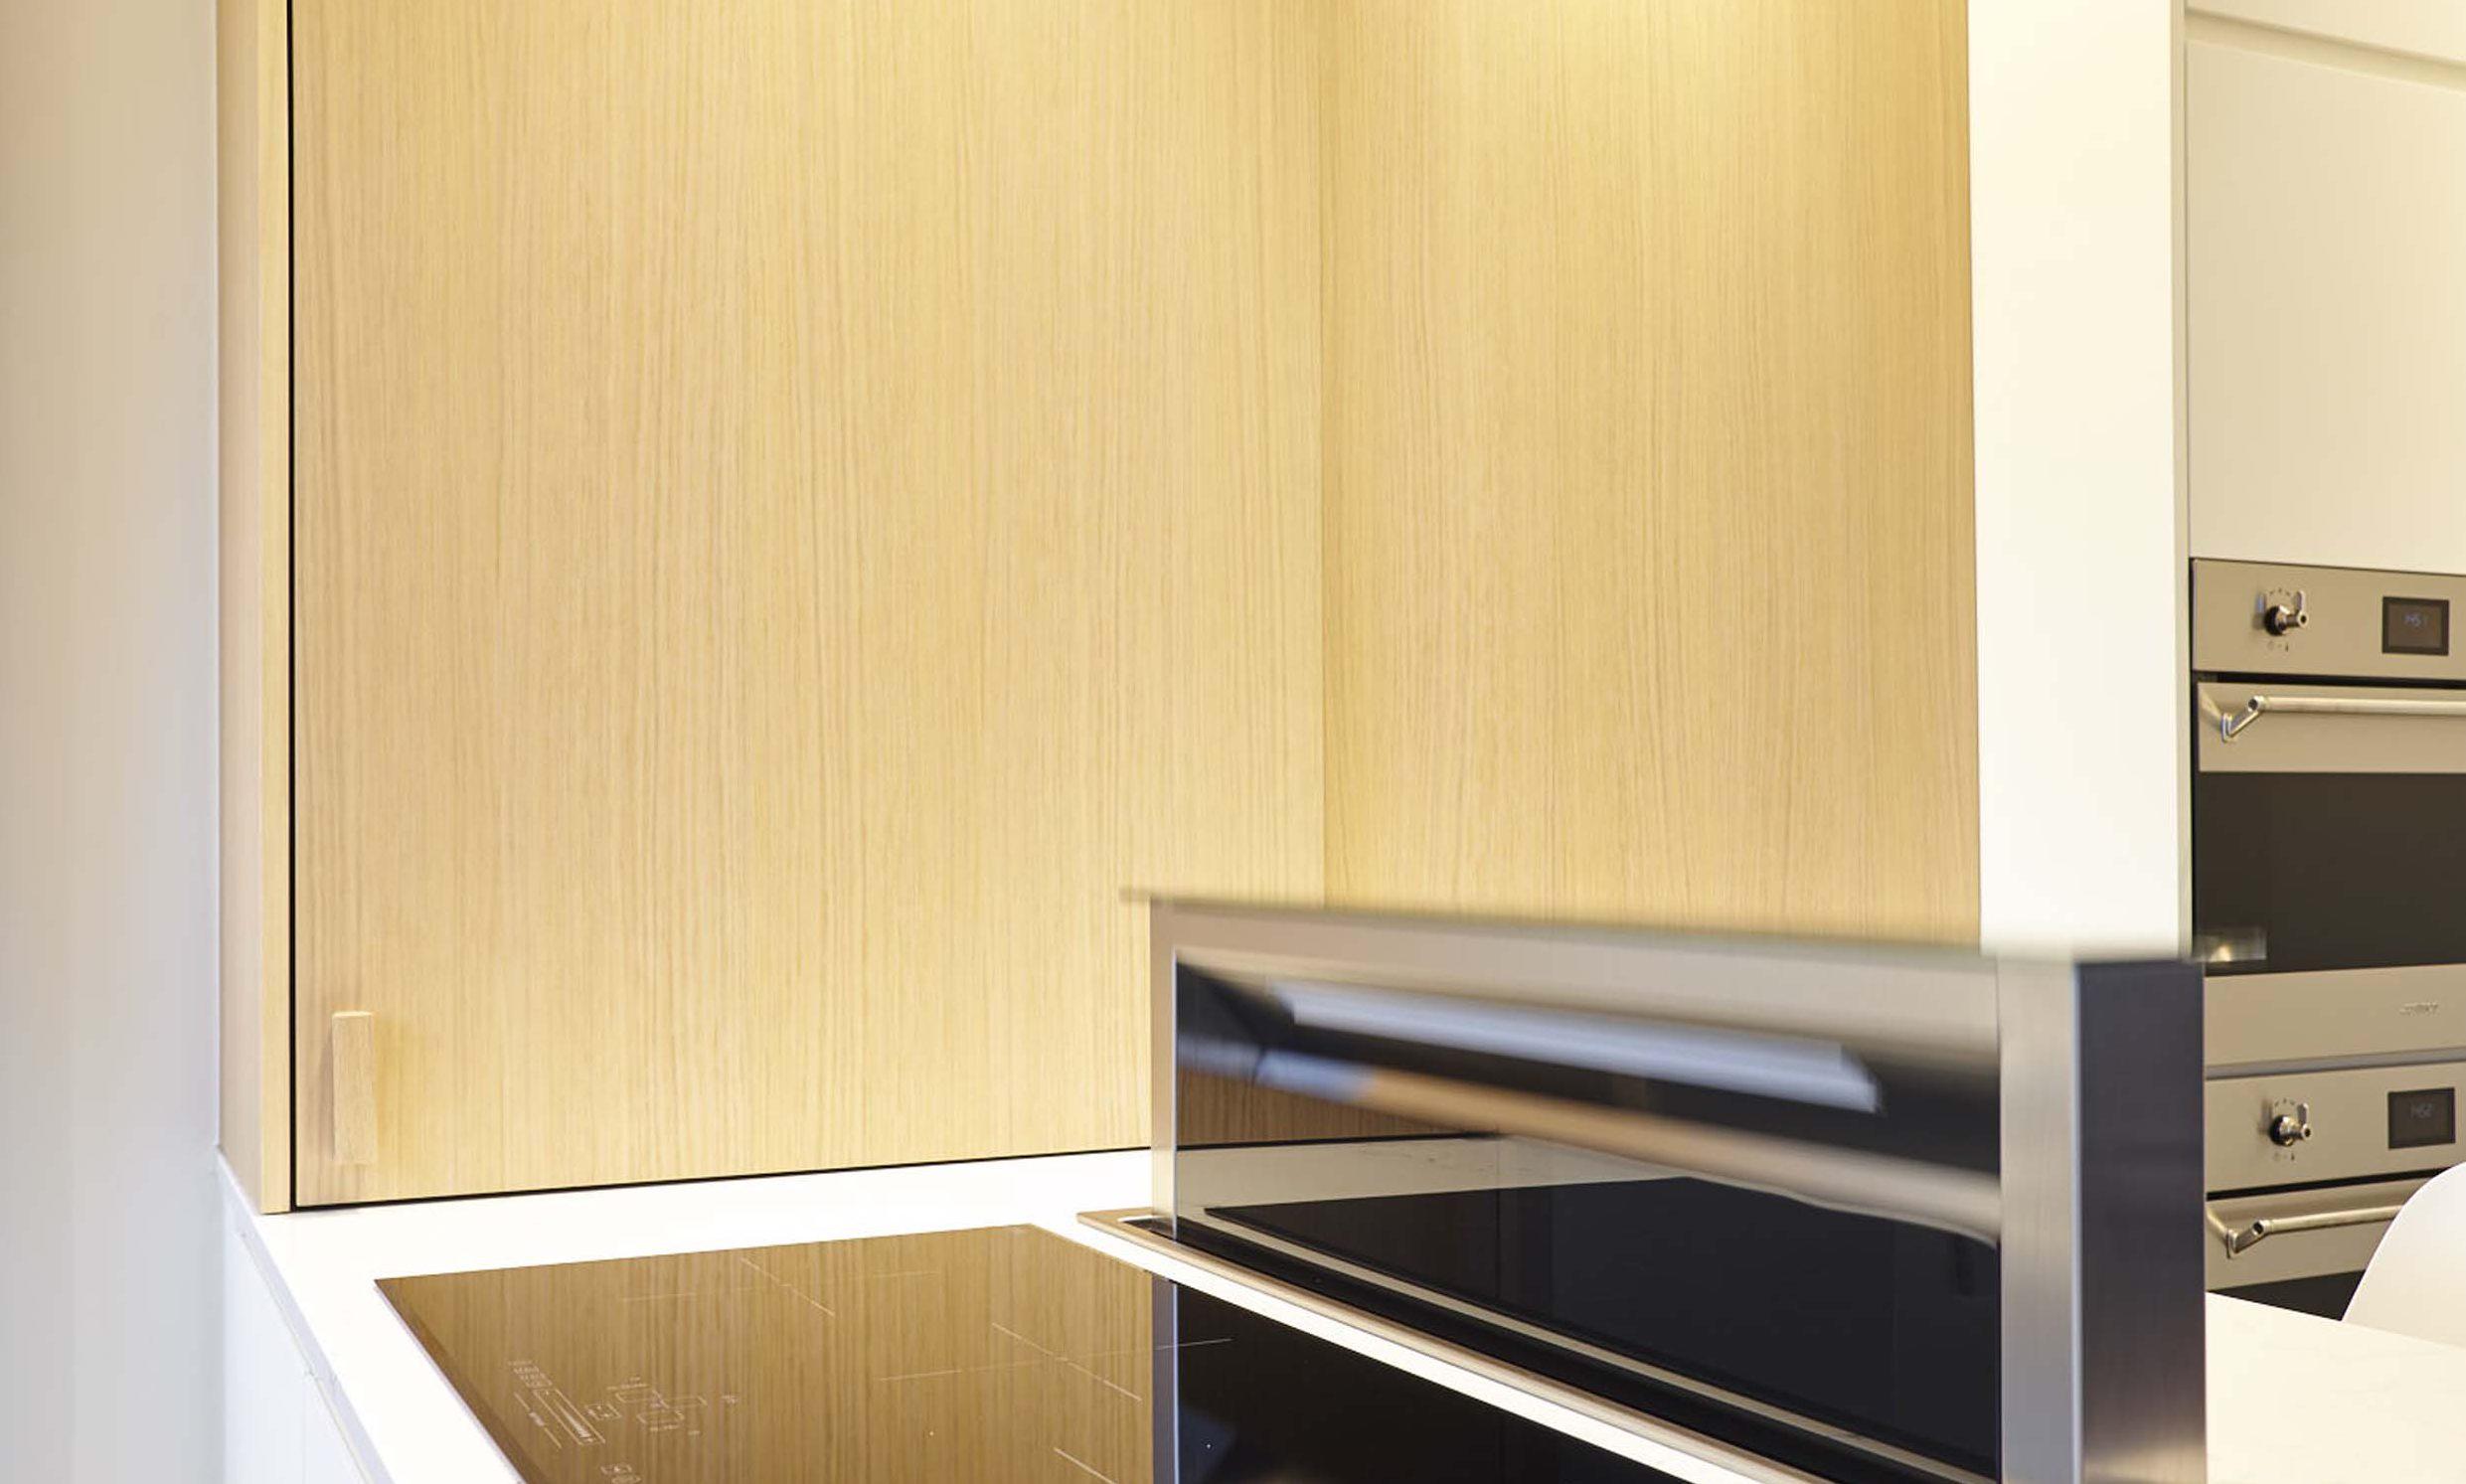 Vanda-projects-interieurinrichting-meubelmakerij-oost-vlaanderen-six-gent-inklapbaar